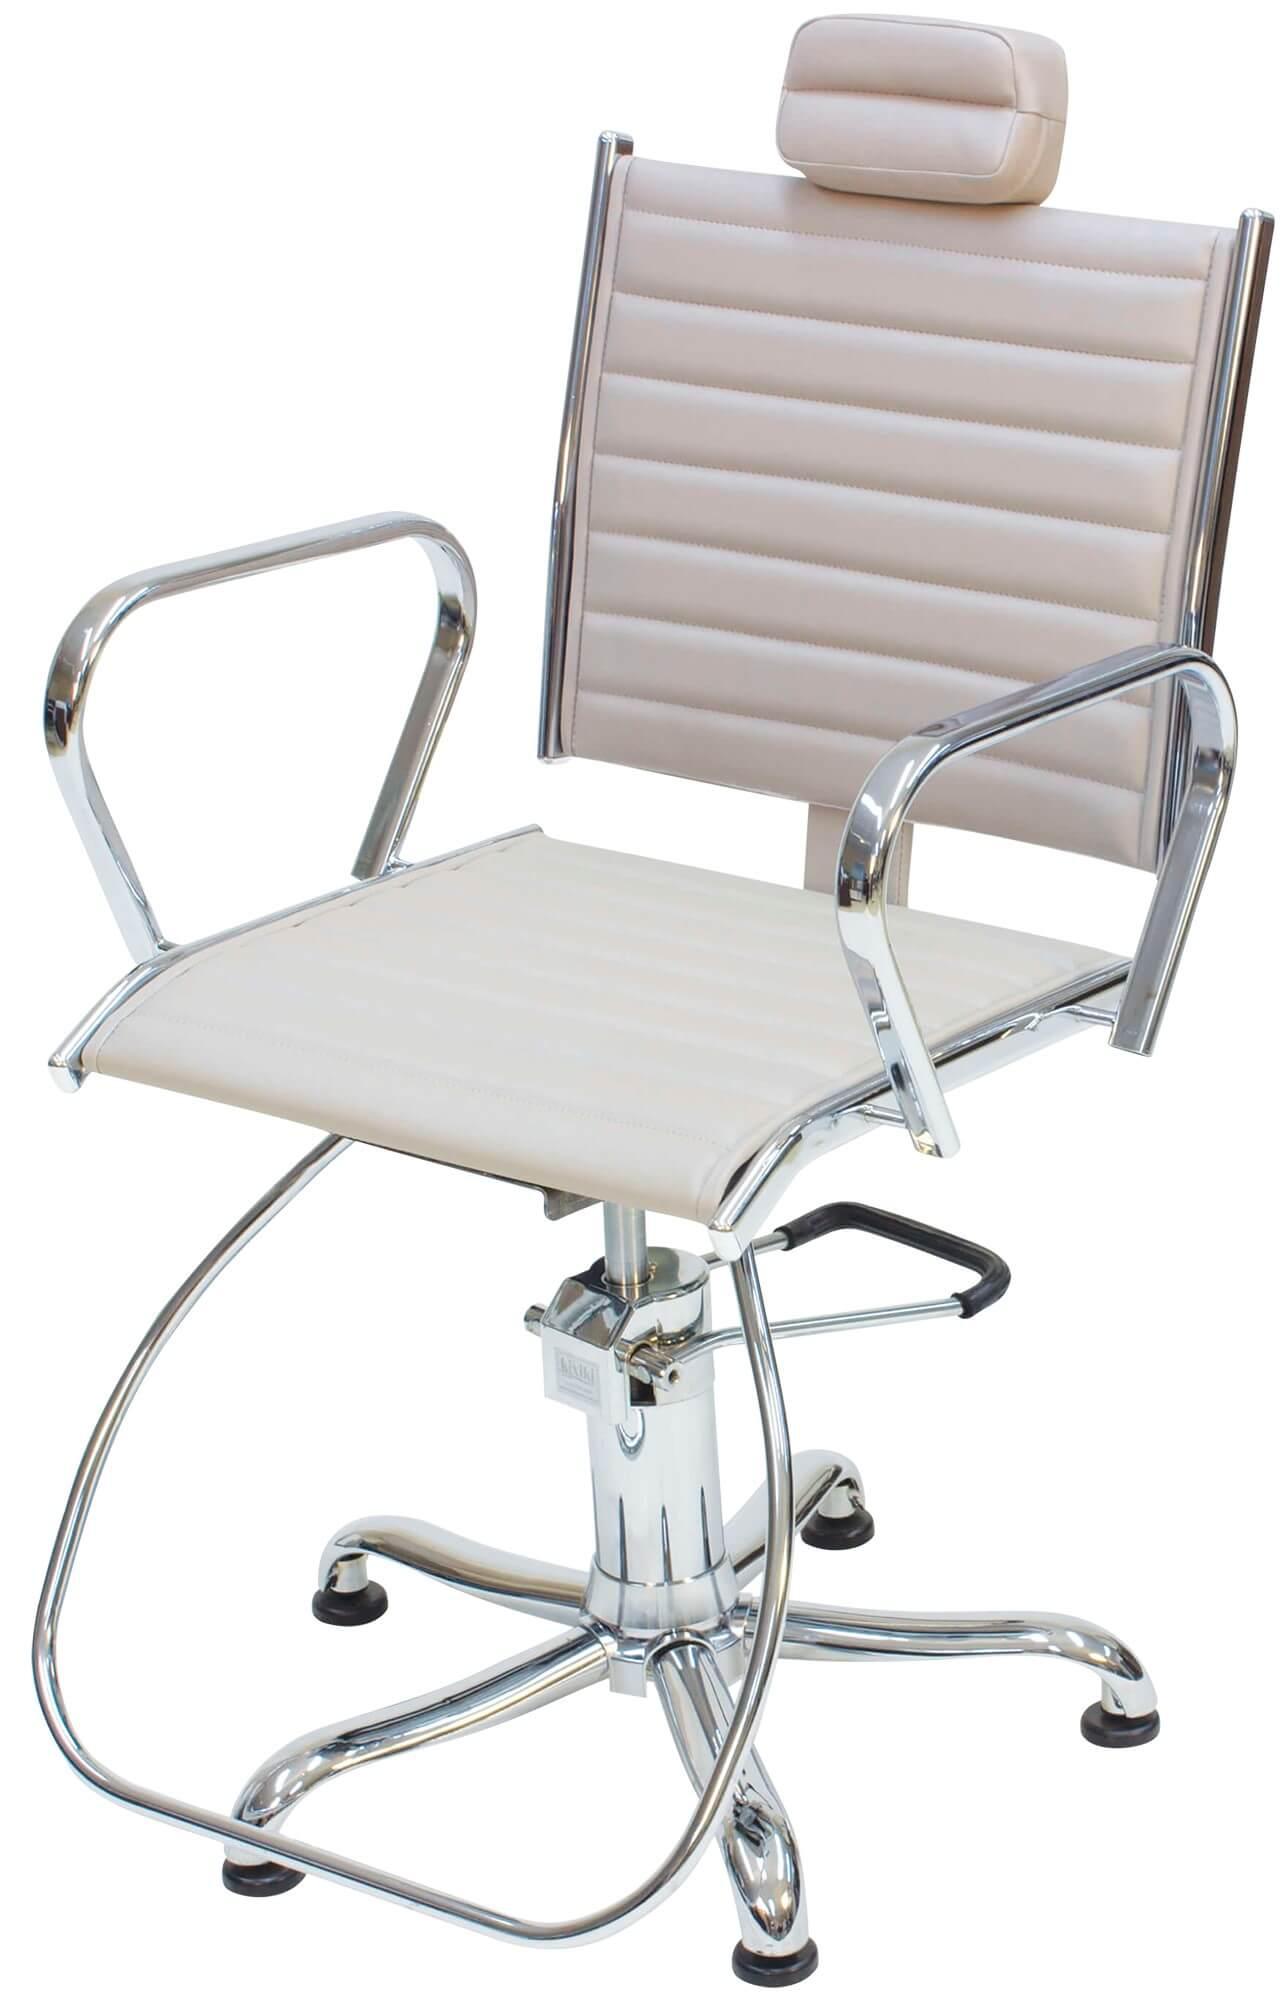 Cadeira Atenas Kixiki Encosto Reclinável Com Cabeçote